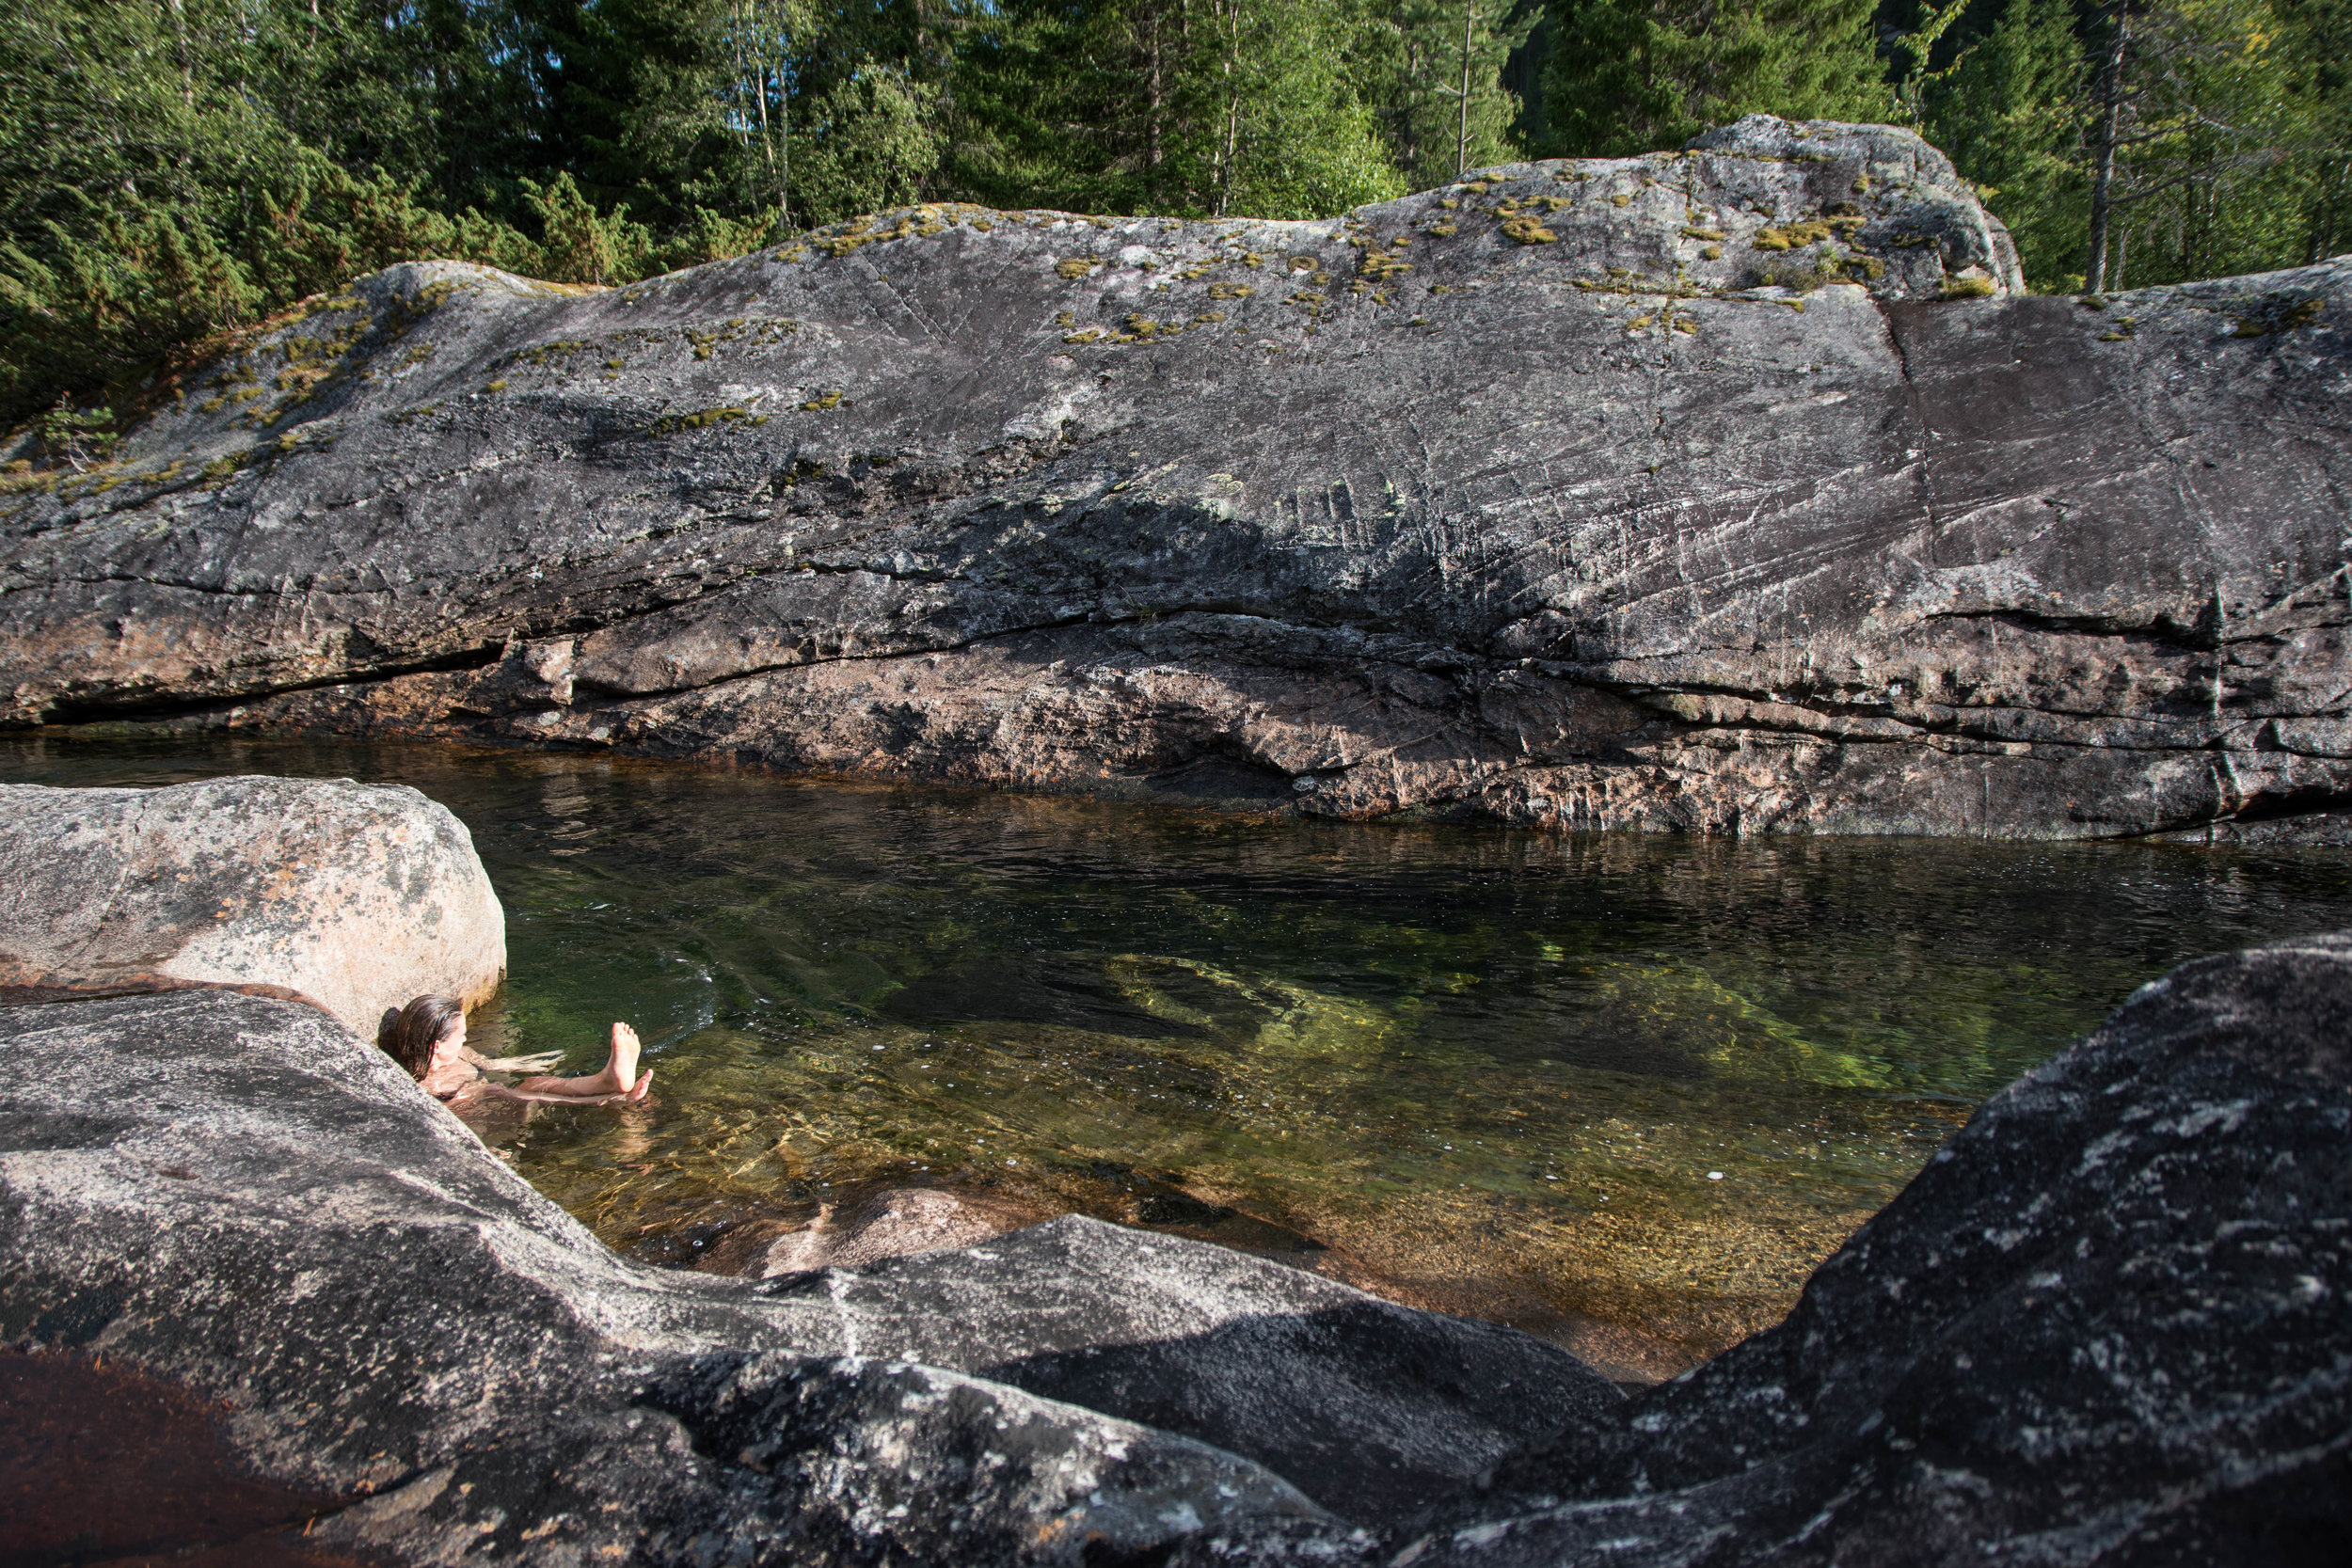 Hopp i elva! - Kjøl deg ned i Tessungåe etter et varmt bad